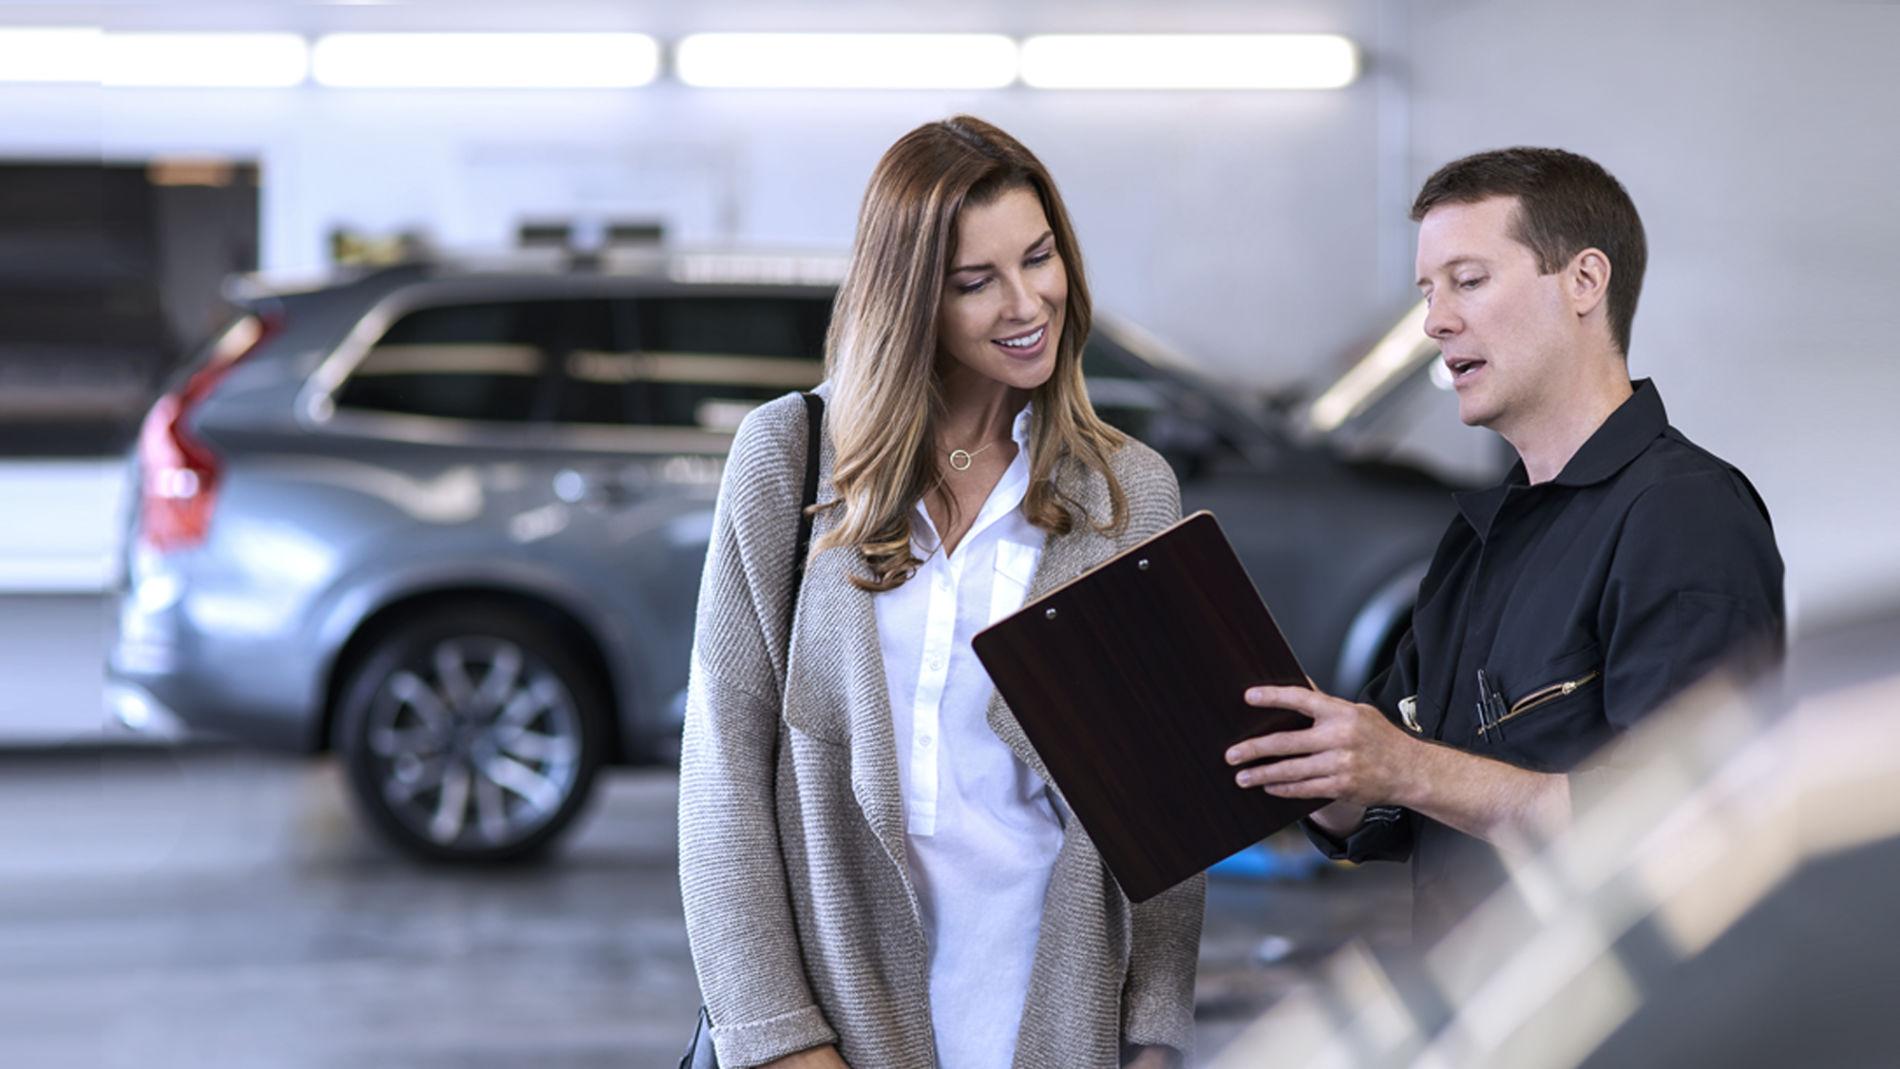 Програма лояльності для <br/> постгарантійних авто Volvo